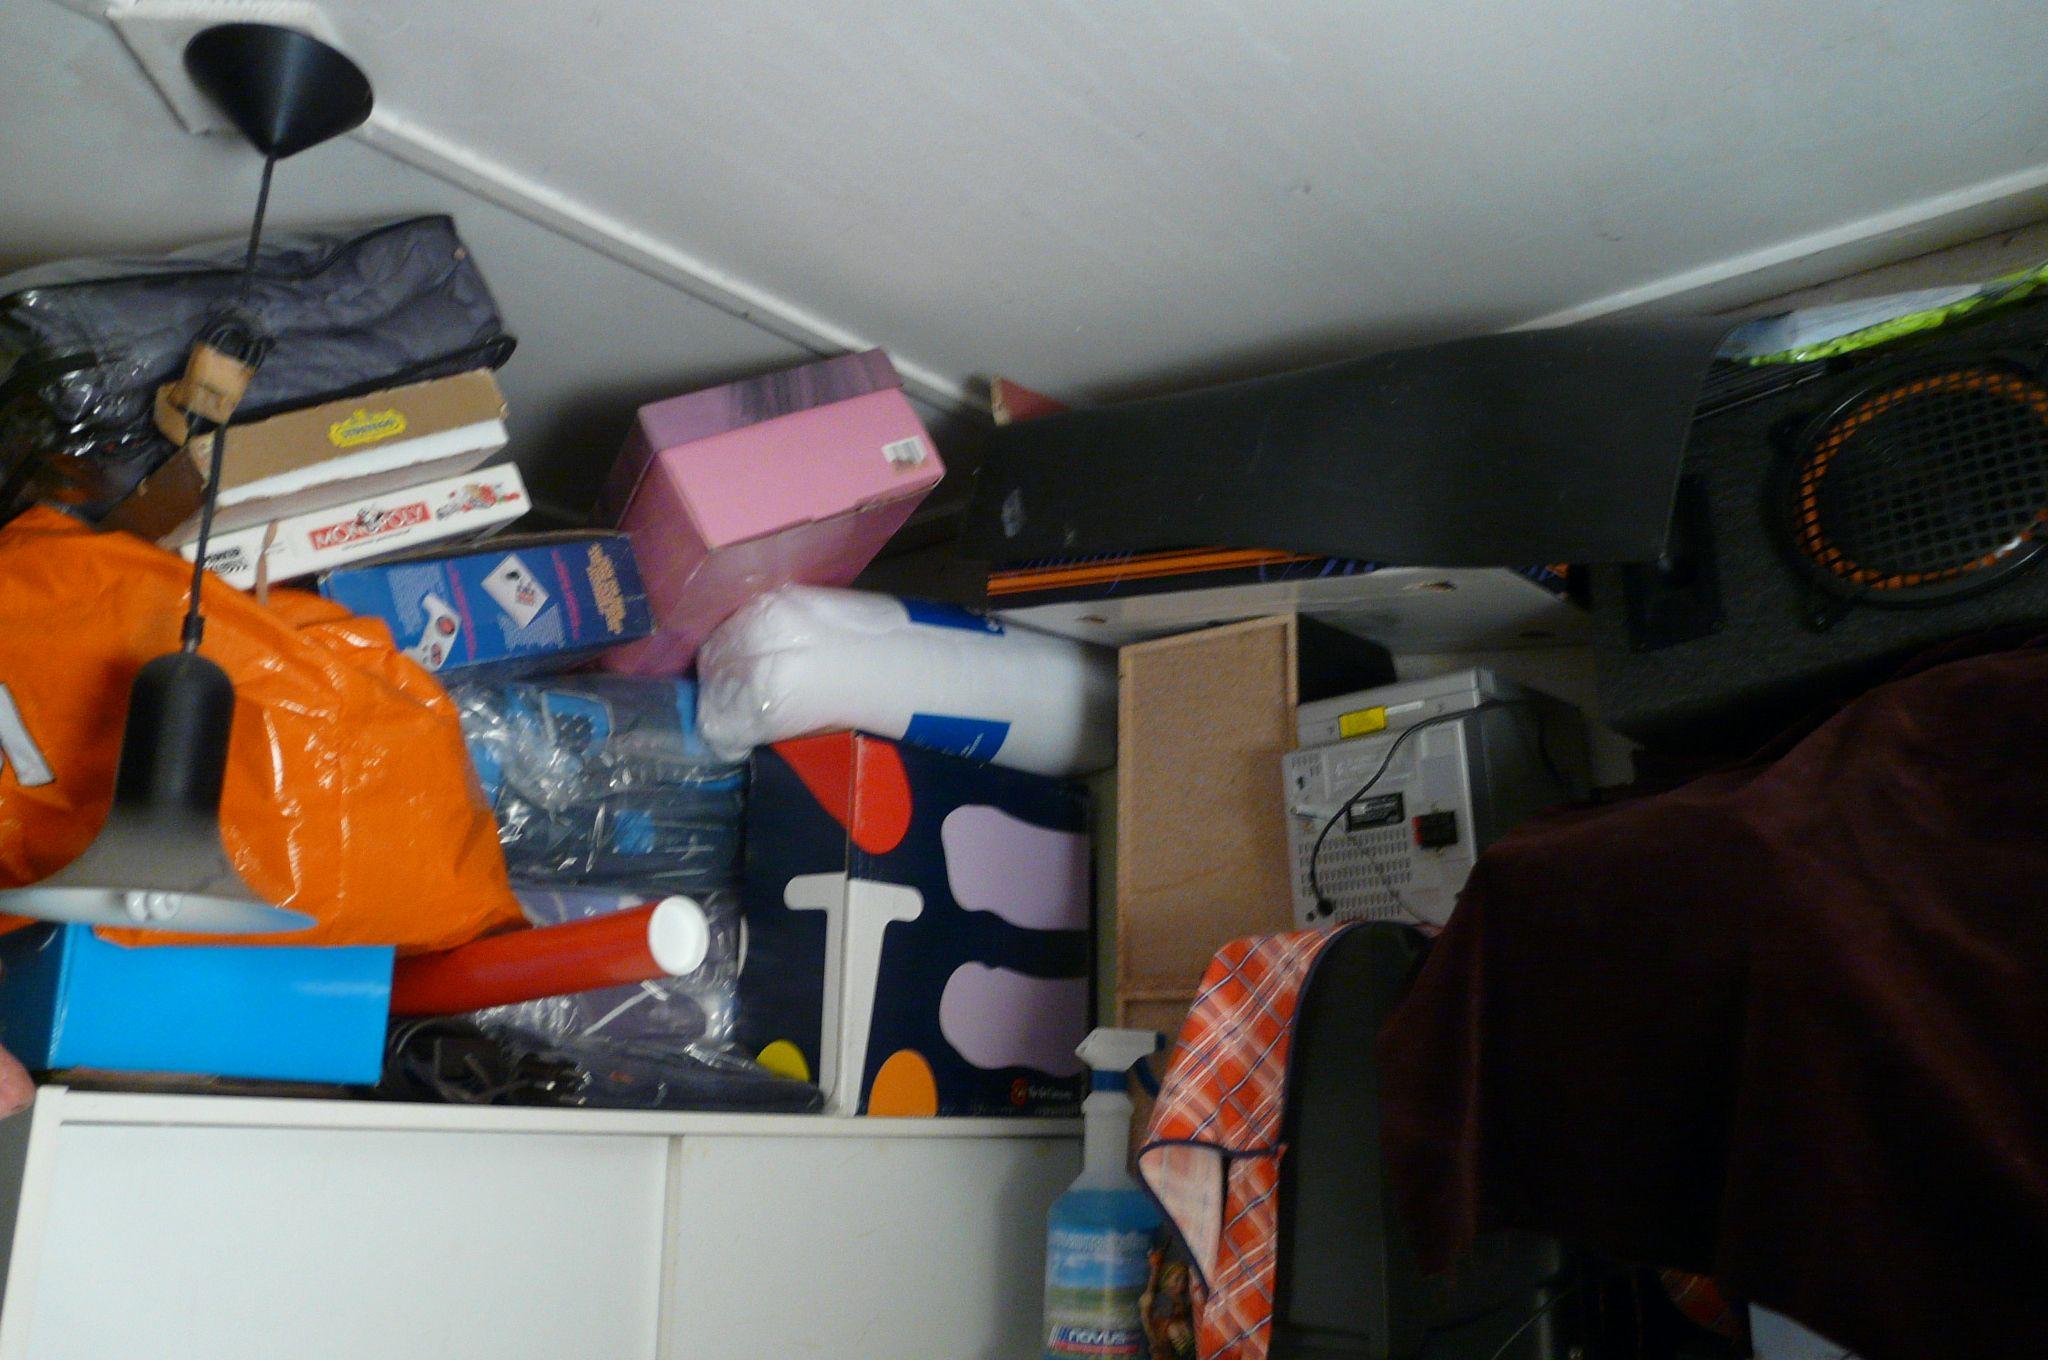 Ongebruikte spullen tot het plafond opgestapeld. De eigenaar is huiverig om er iets aan te doen. Toch weet hij dat het moet. 20 Jaar gaat door zijn handen. Achteraf opluchting.